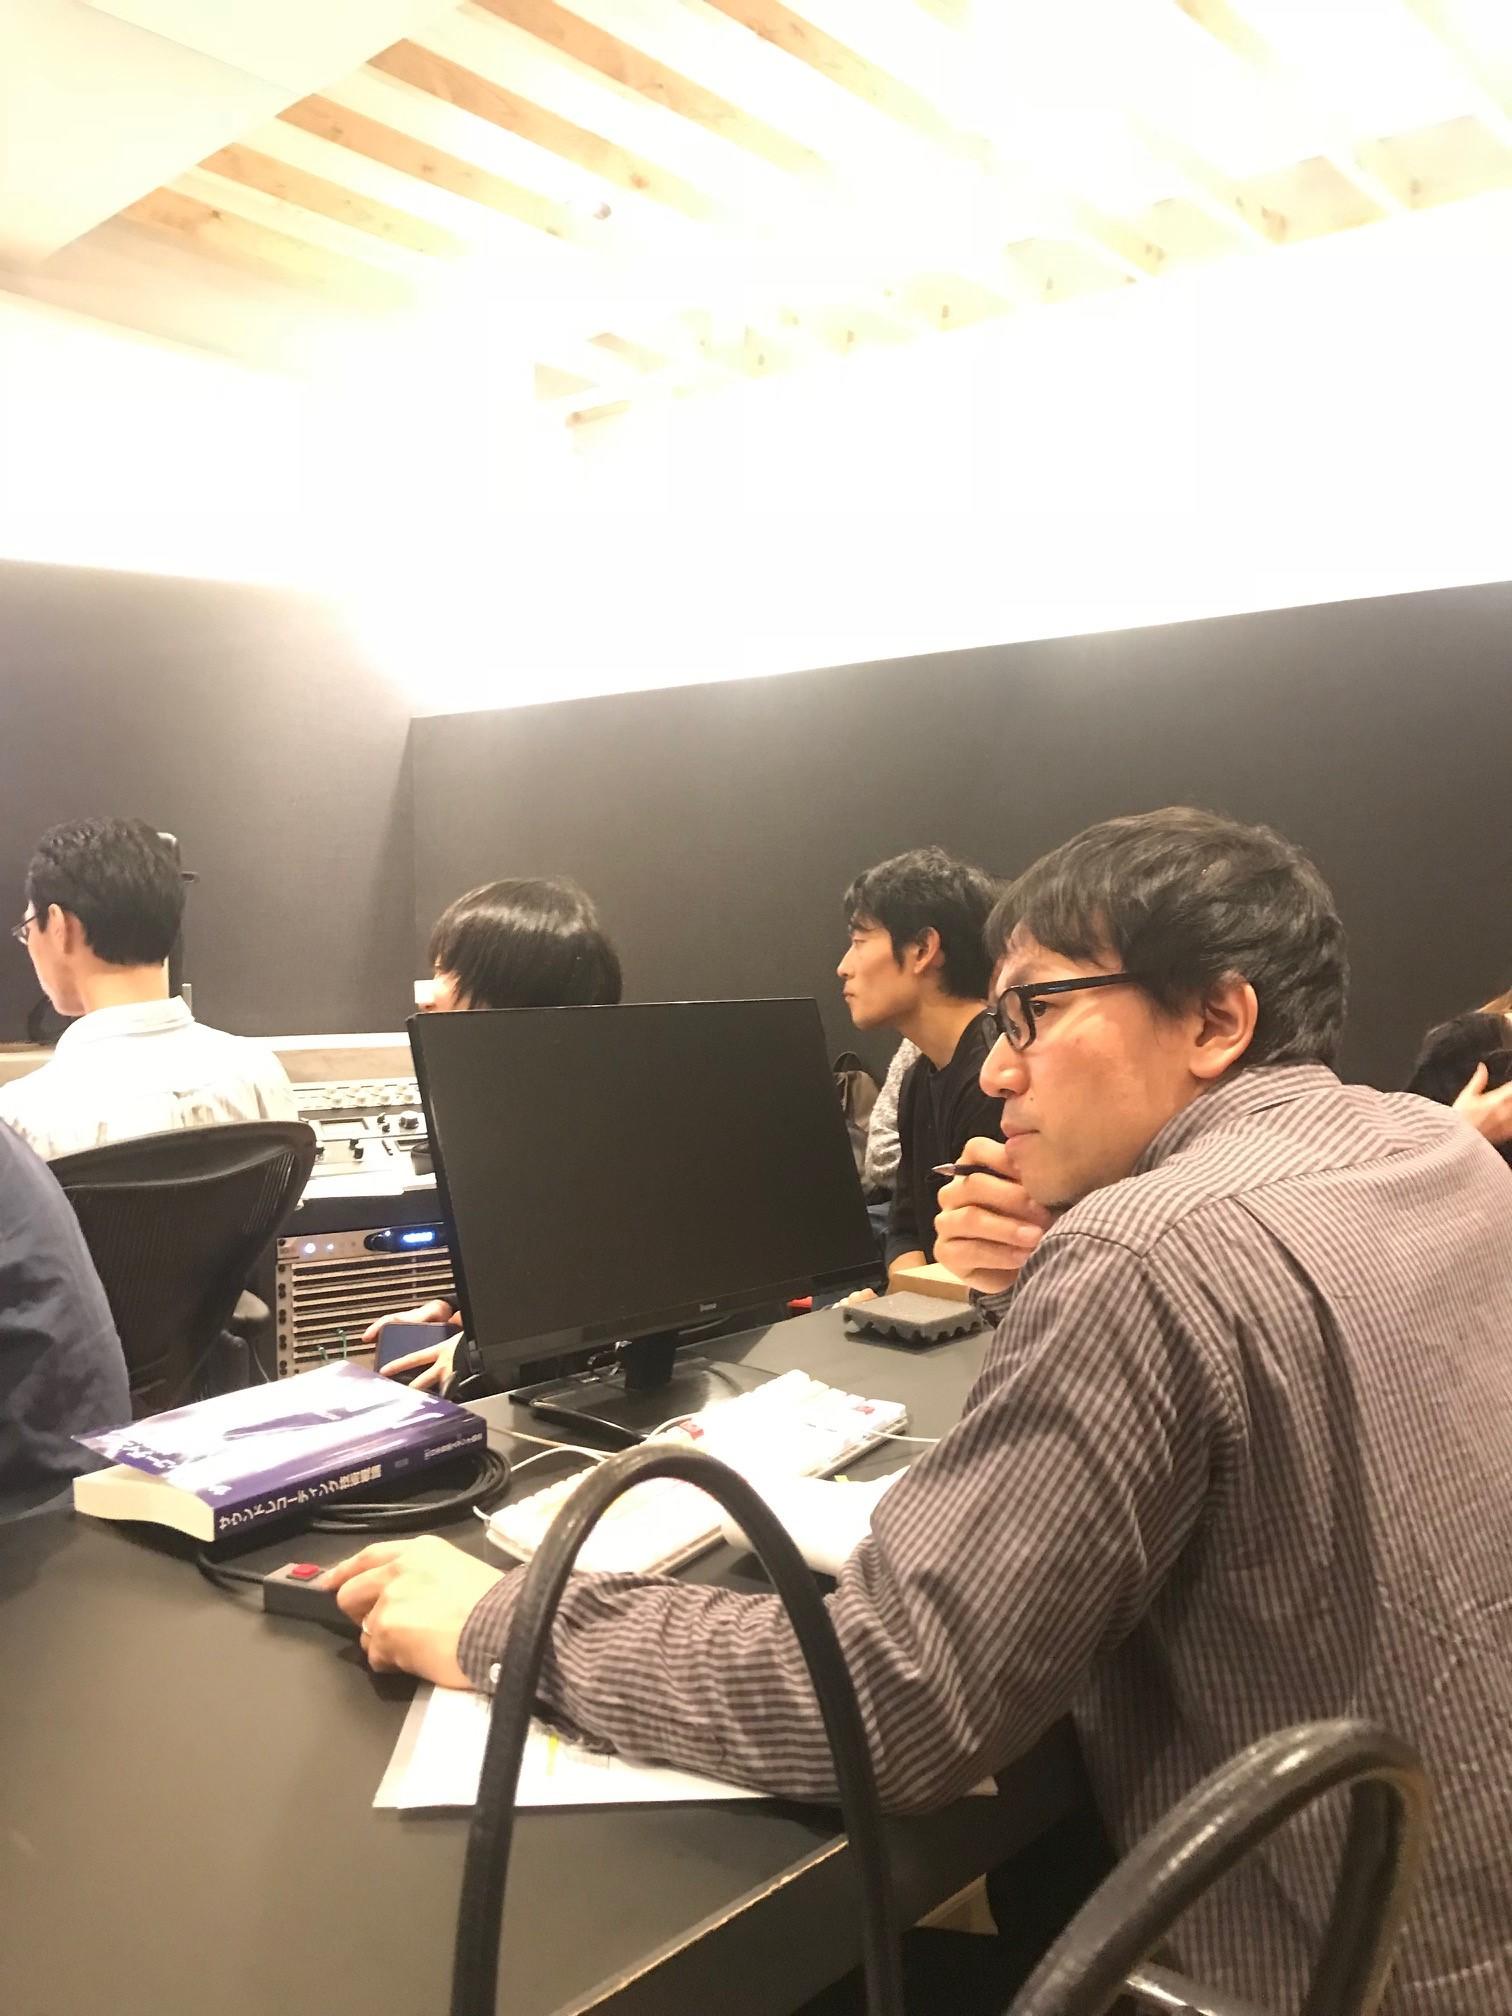 コントロールルームで作曲した学生達へ指示を飛ばす、国立音楽院の指導講師・大曽根浩範先生。画像奥には音響を学ぶ履修生の姿も見える。